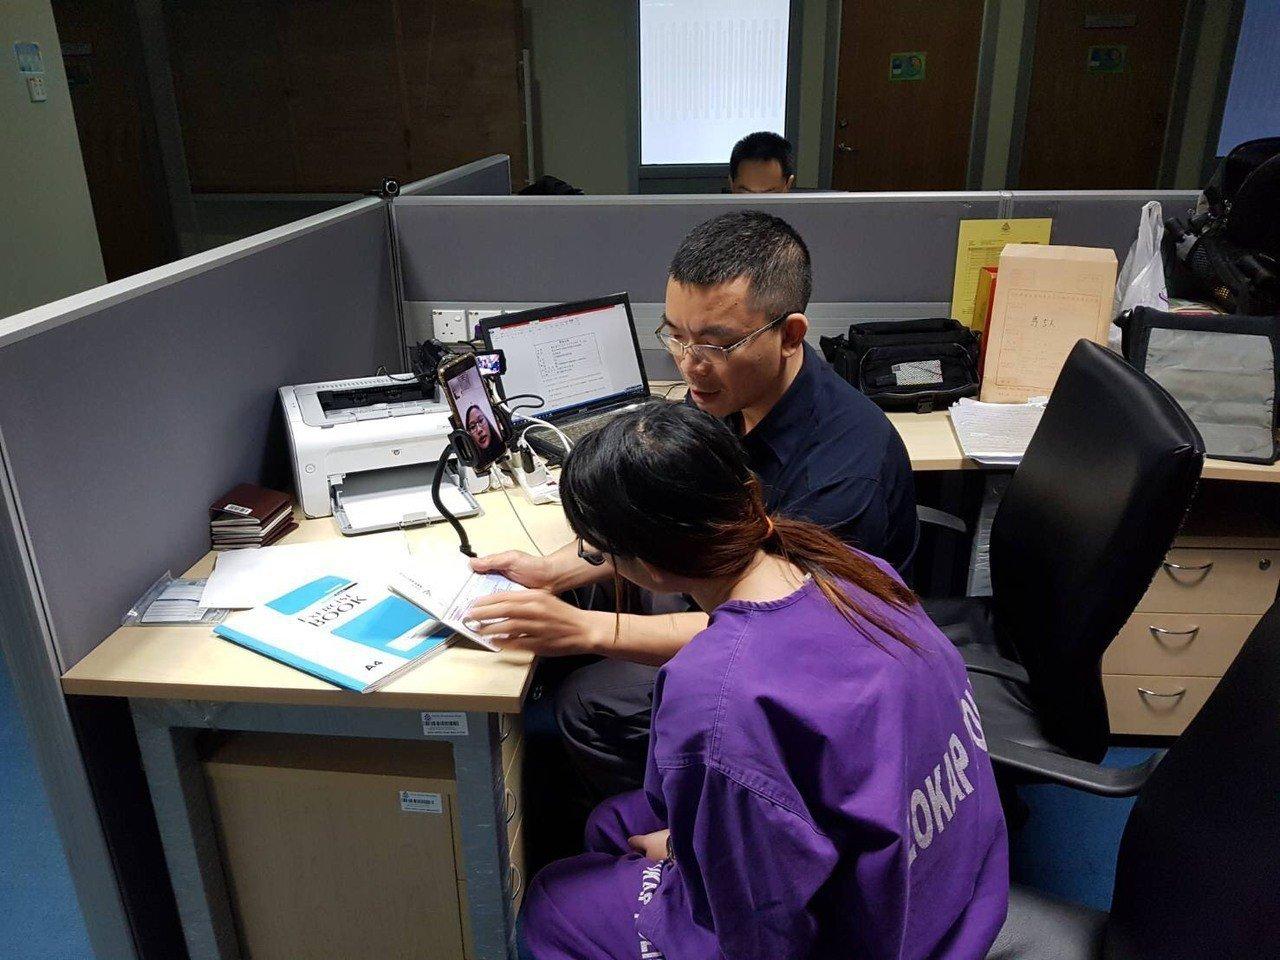 刑事局透過視訊,聯繫在台通譯,協助製作泰國犯嫌筆錄。照/刑事局提供